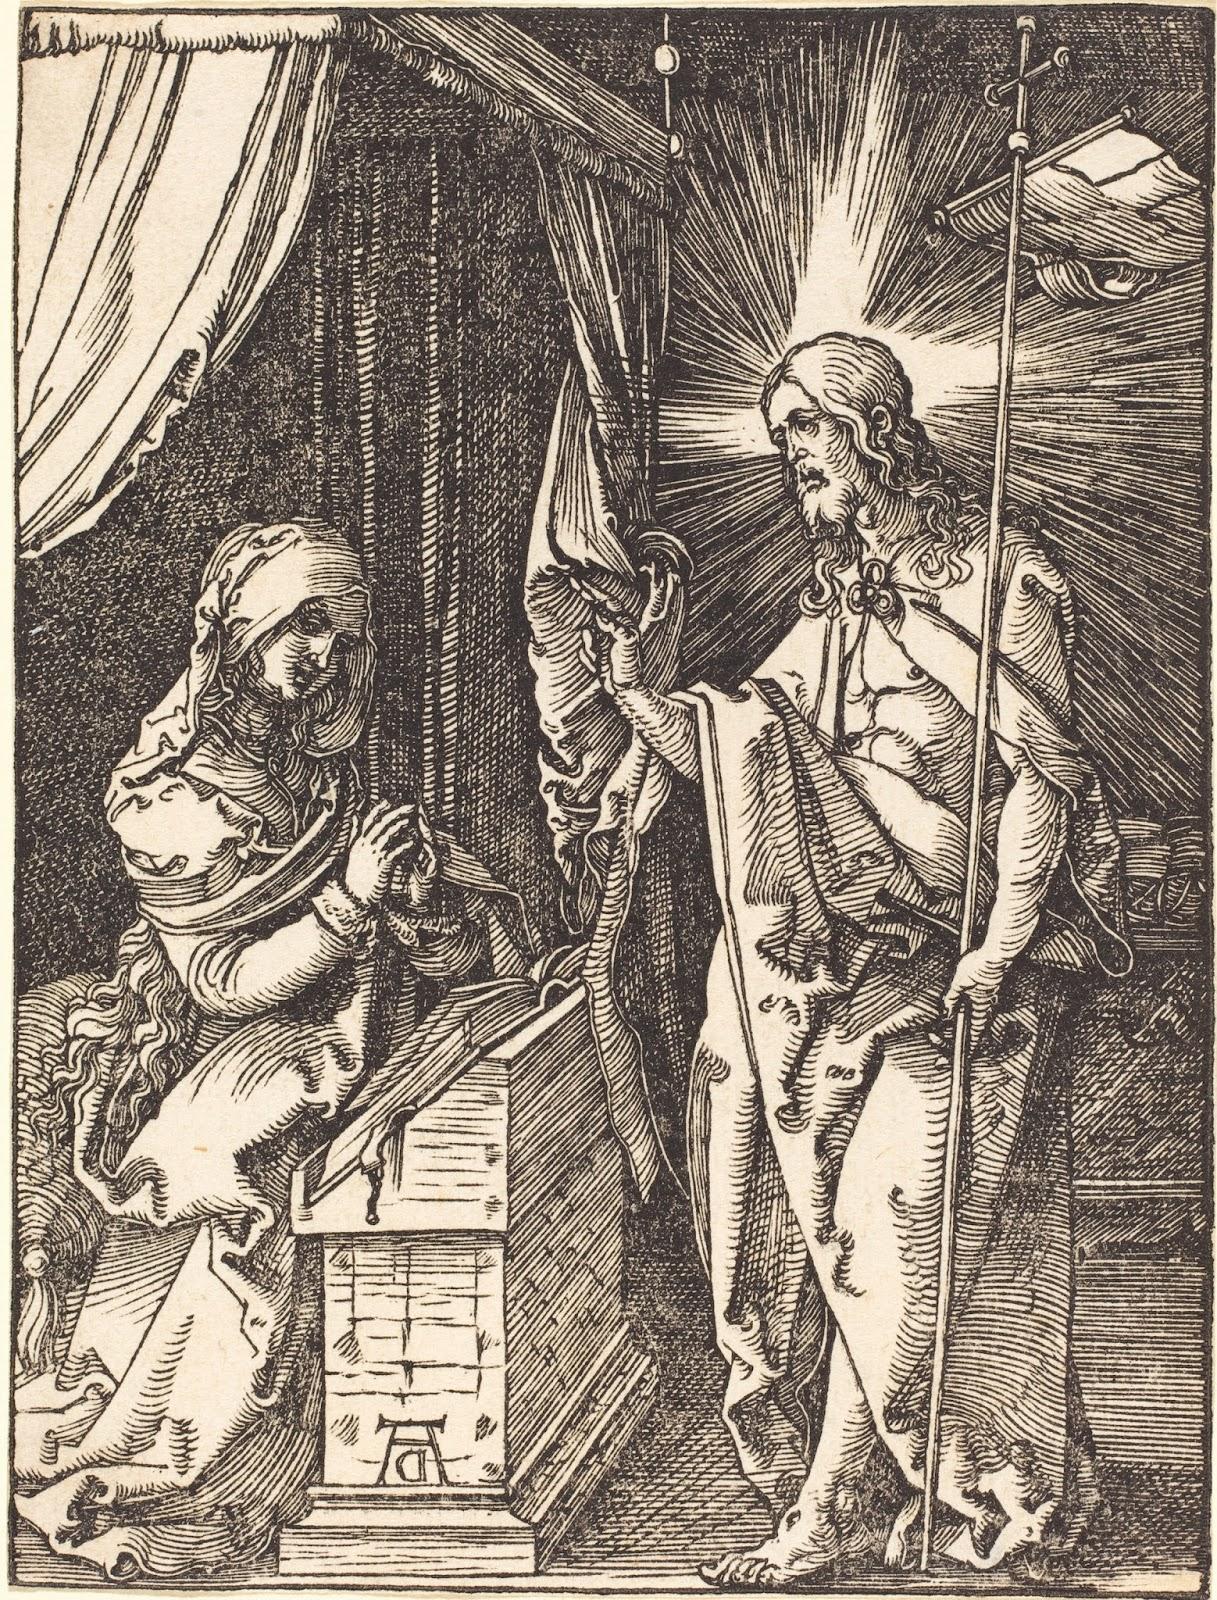 APARIÇÃO DE JESUS RESSUSCITADO A SUA MÃE MARIA SANTÍSSIMA